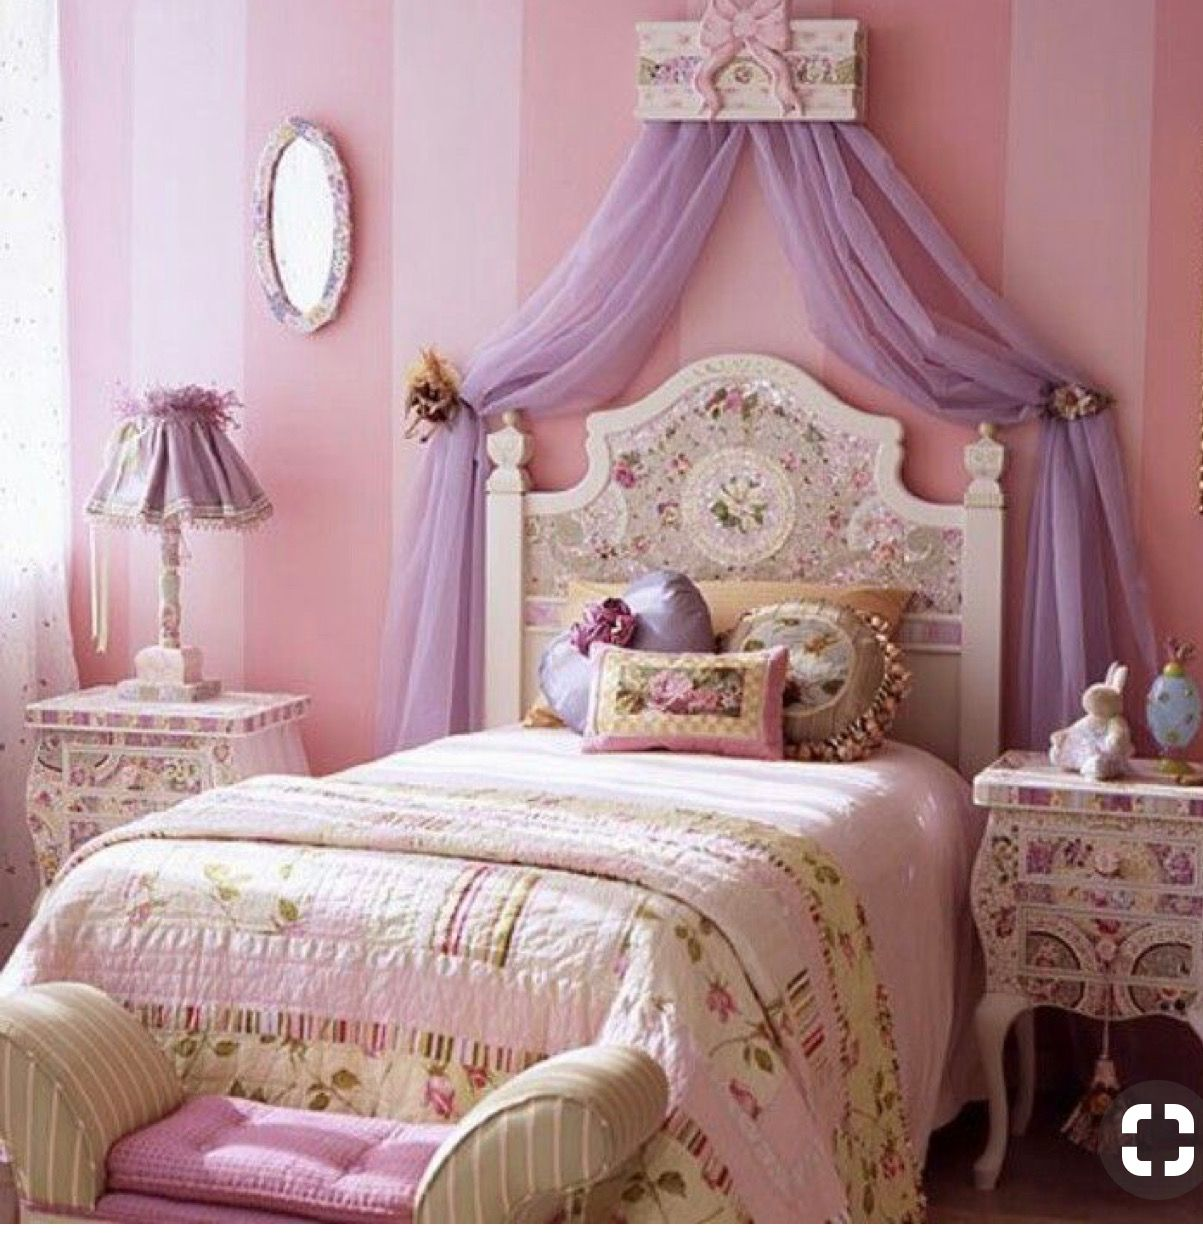 girls bedroom ♠️♠️♠️♠️♠️♠️♠️♠️  girl bedroom decor